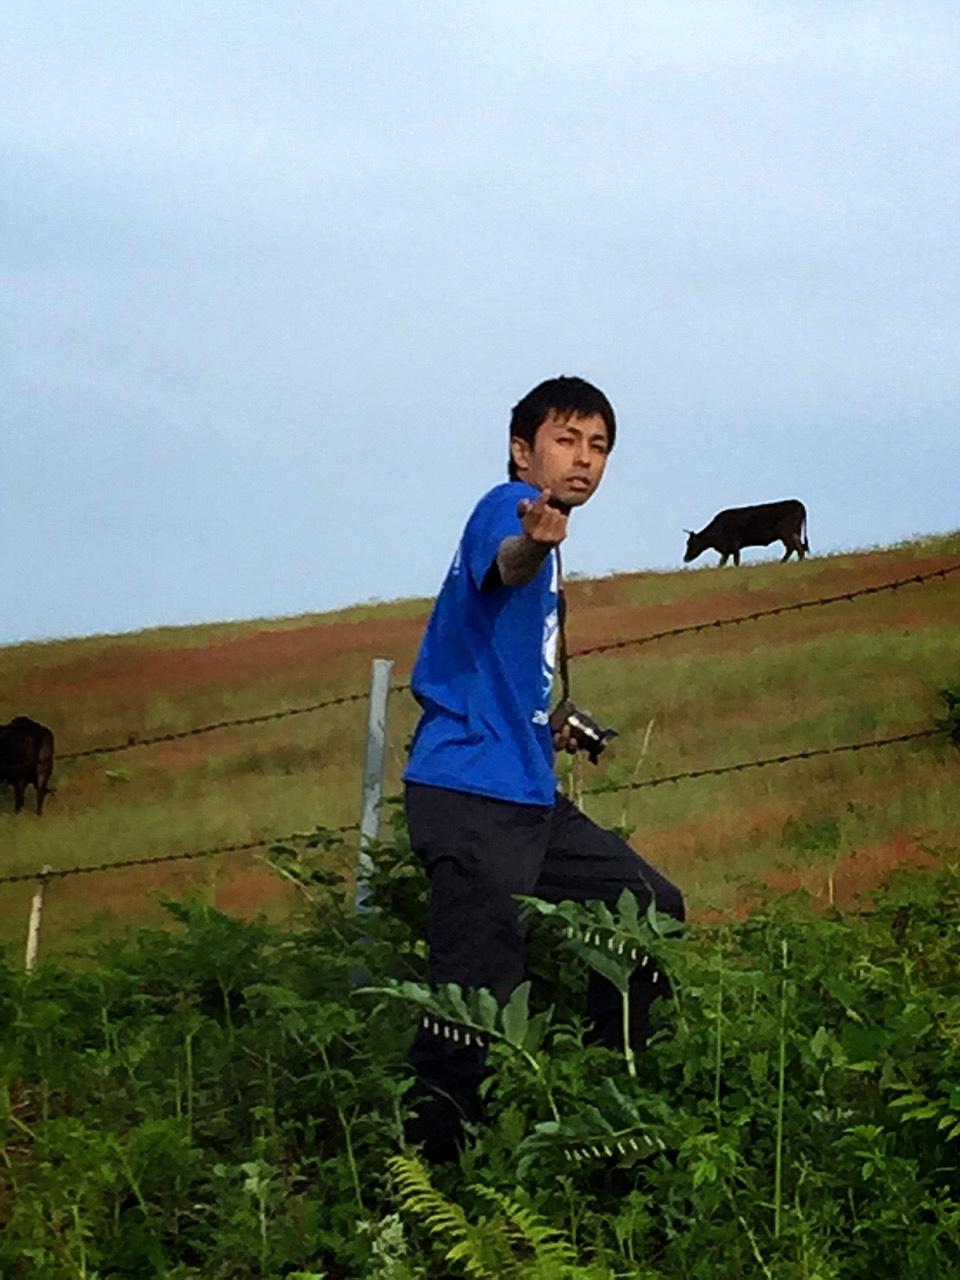 青森県田子町地域おこし協力隊 つっちーのブログ_001